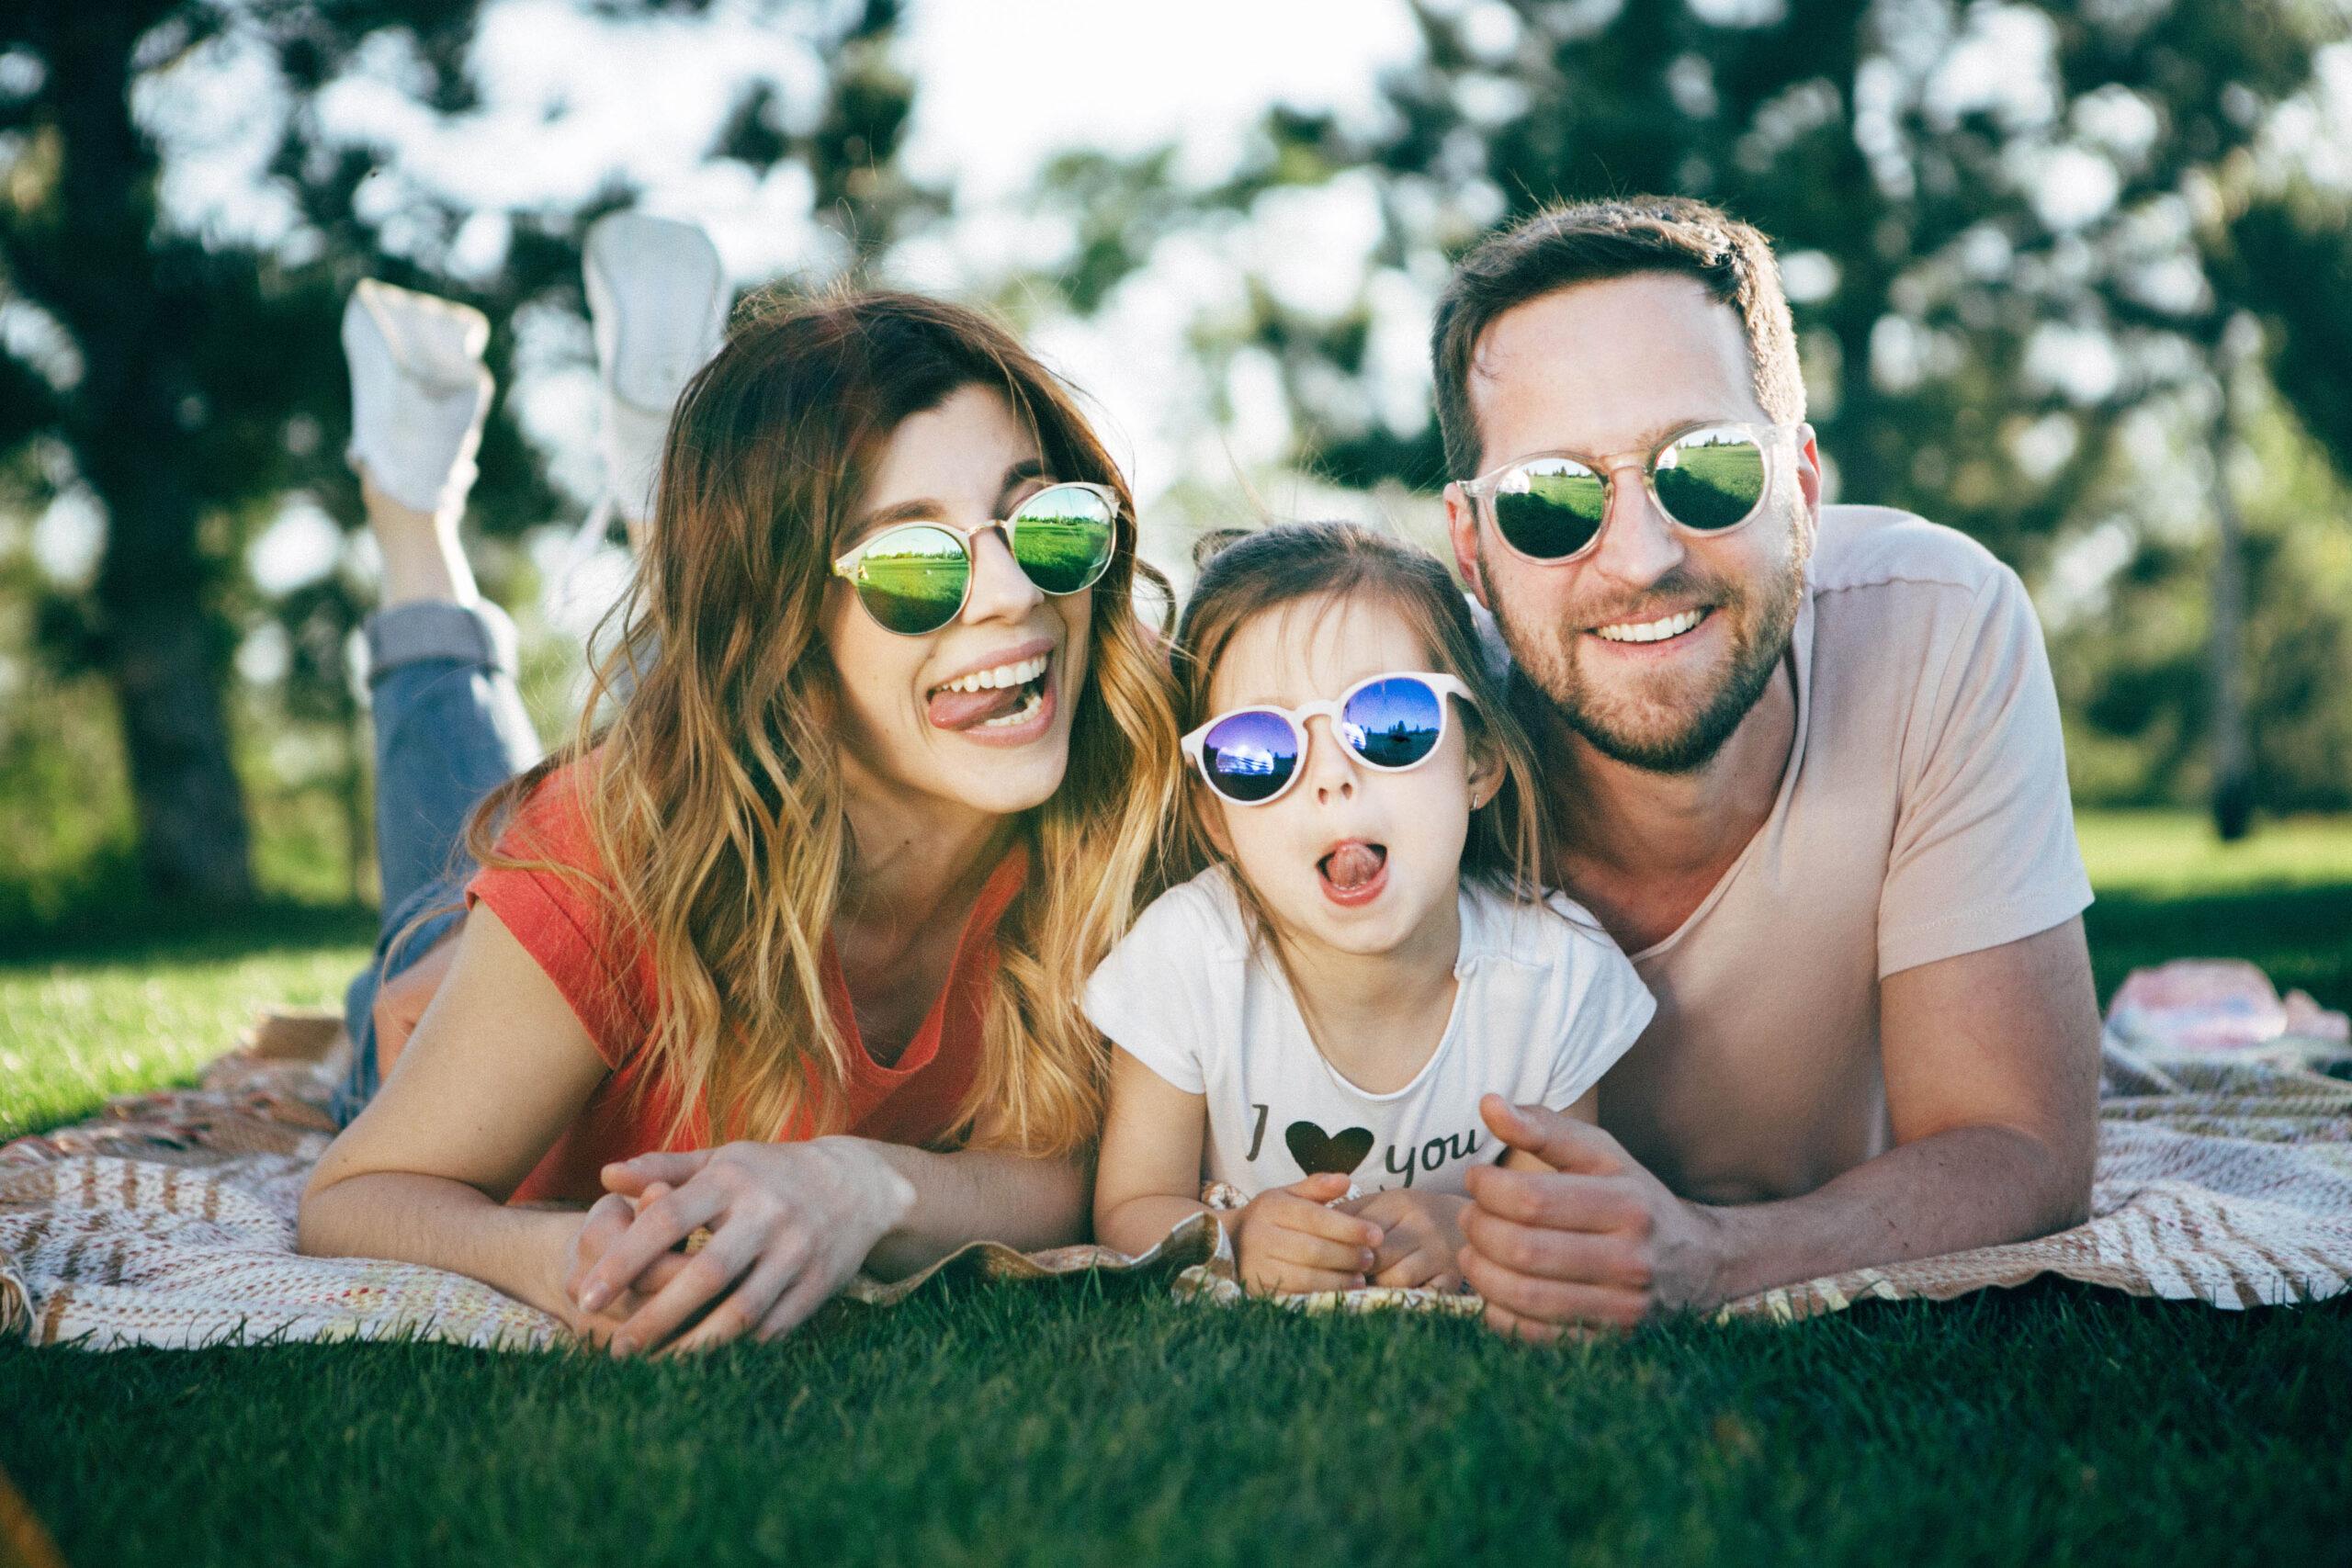 Mutter, Vater und fünfjährige Tochter liegen in einem Park auf einer Sommerdecke. Sie tragen alle eine Sonnenbrille und lachen in die Kamera. Tochter und Mutter strecken die Zunge lustig raus. Der Vater lacht.